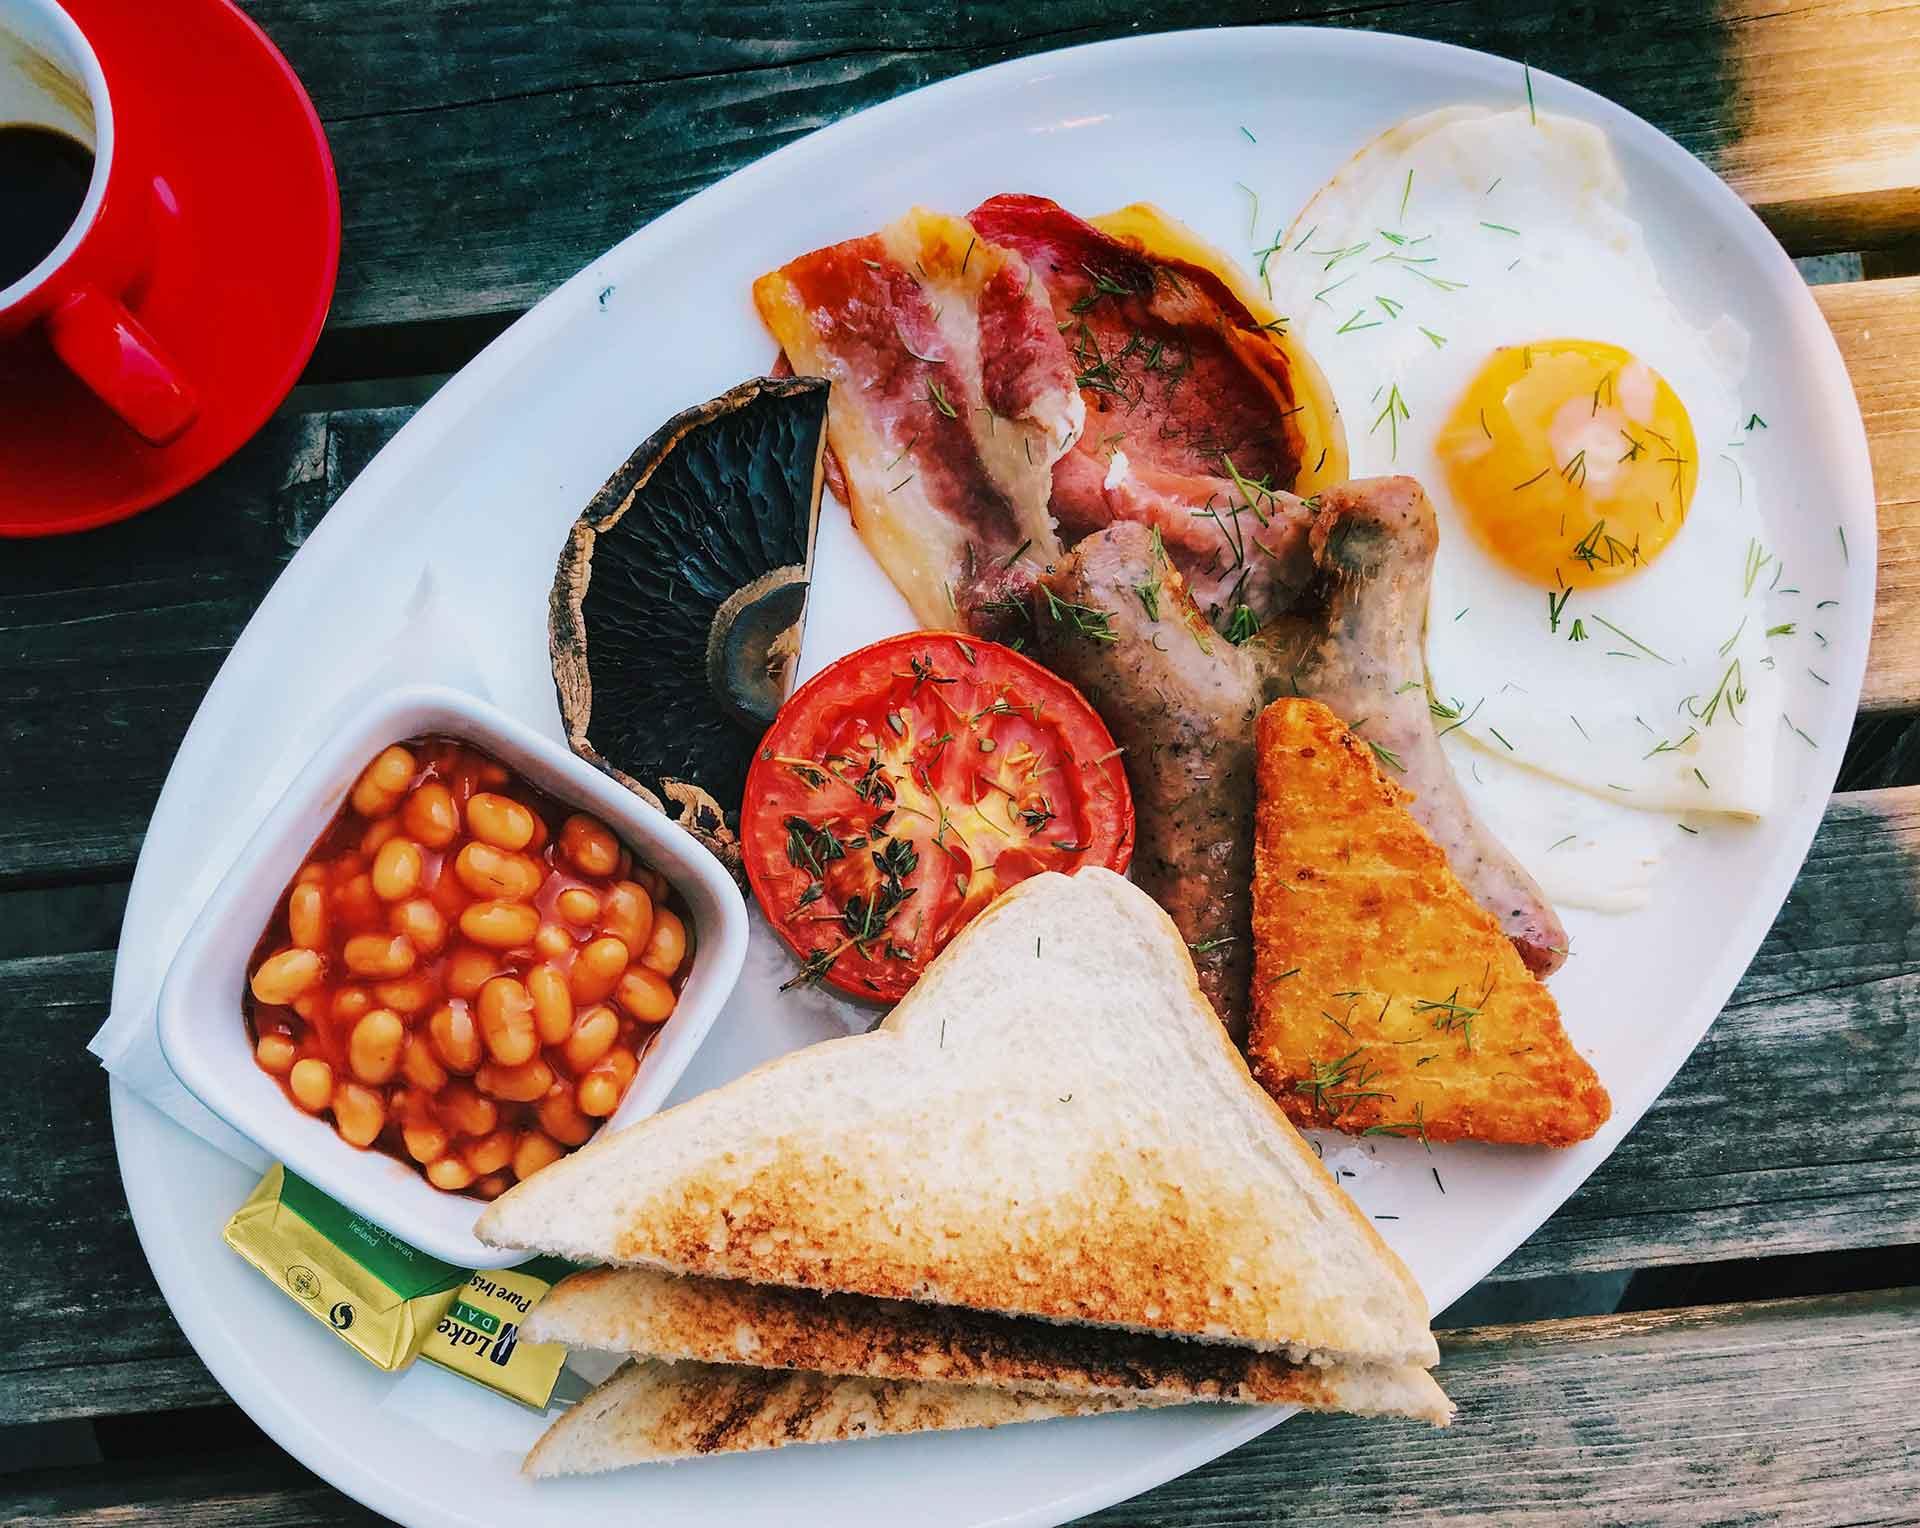 Breakfast UK